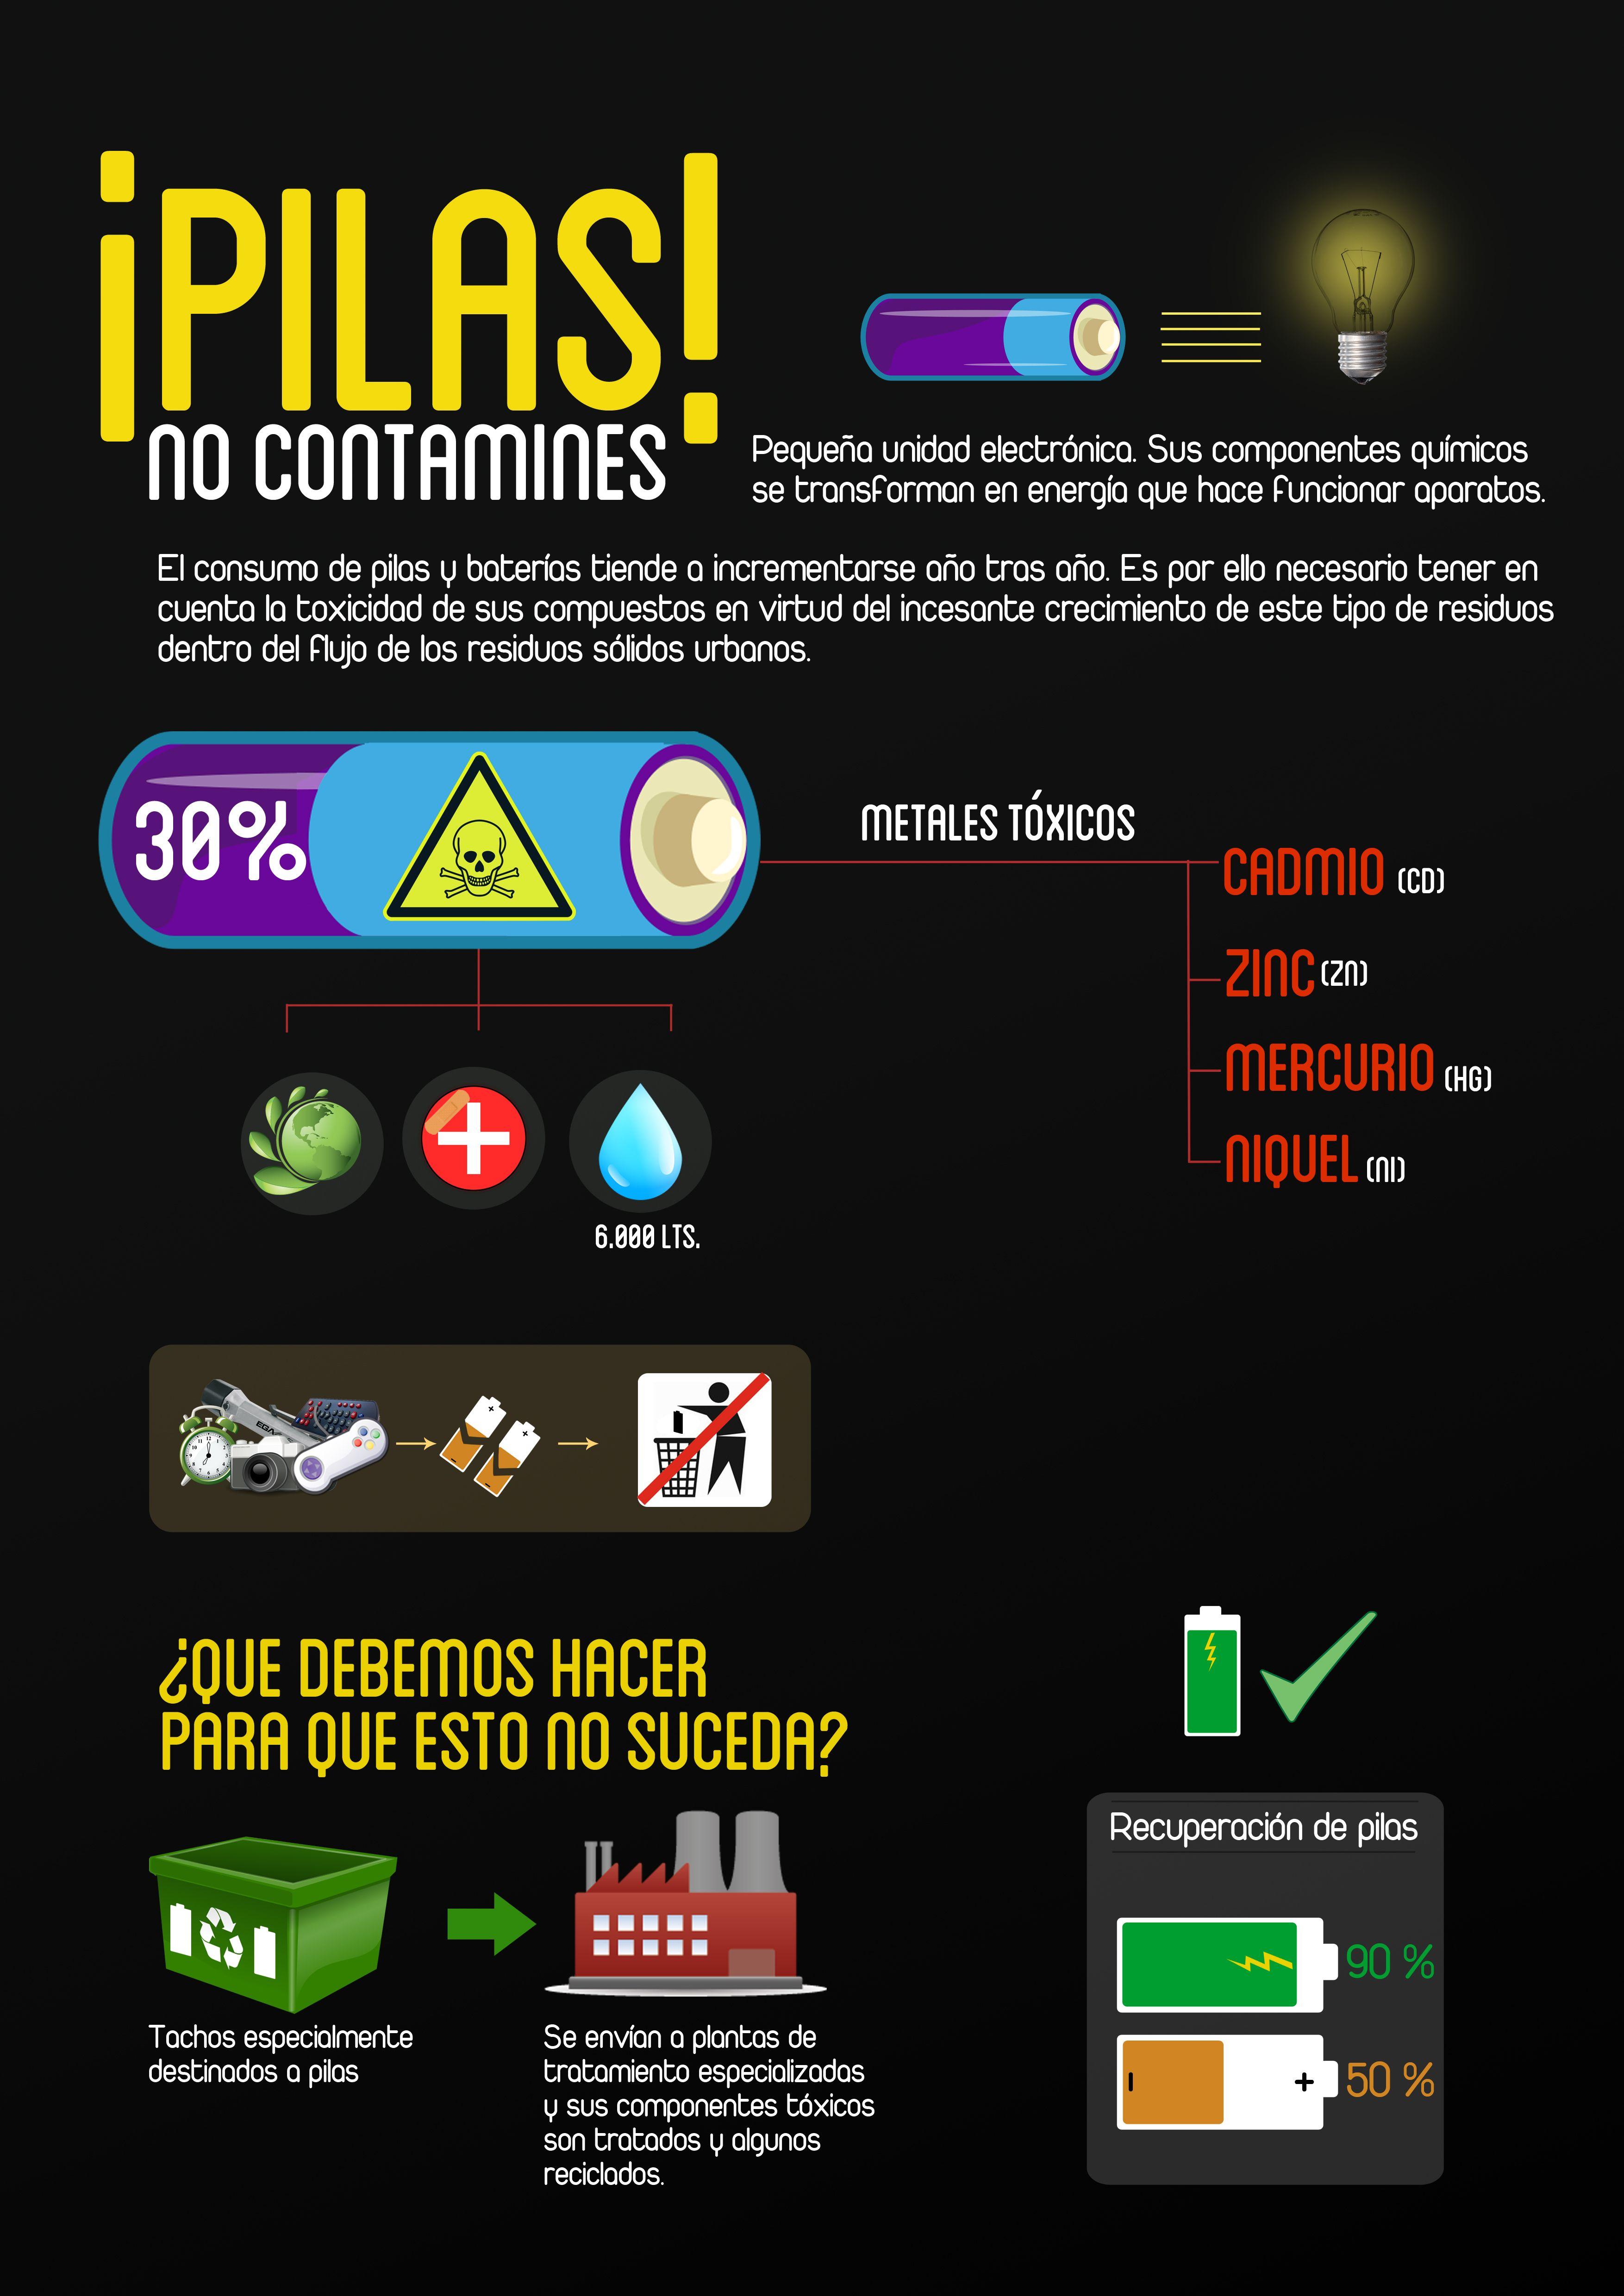 Pilas No Contamines Infographic Infografía Pilas Y Baterias Contaminantes Infografia